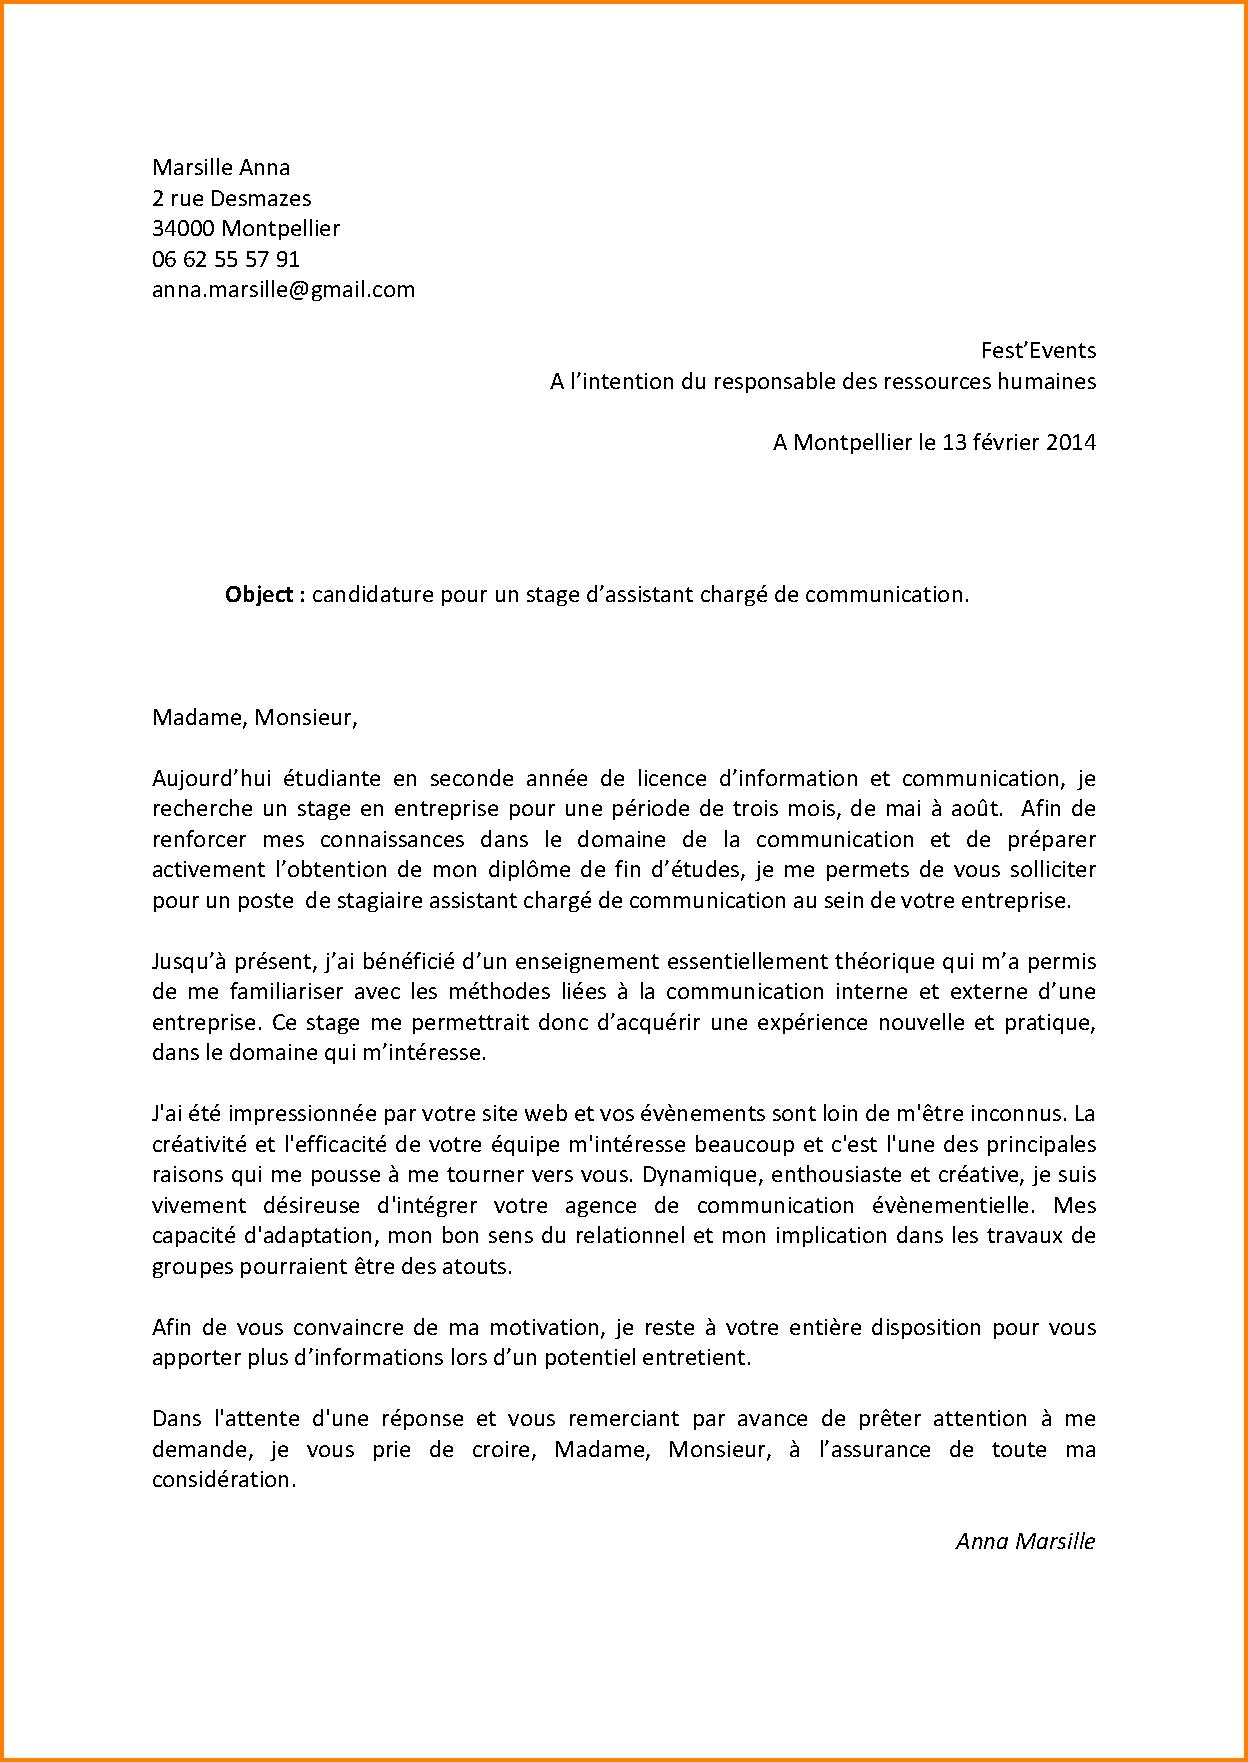 Lettre de motivation banque sans expérience